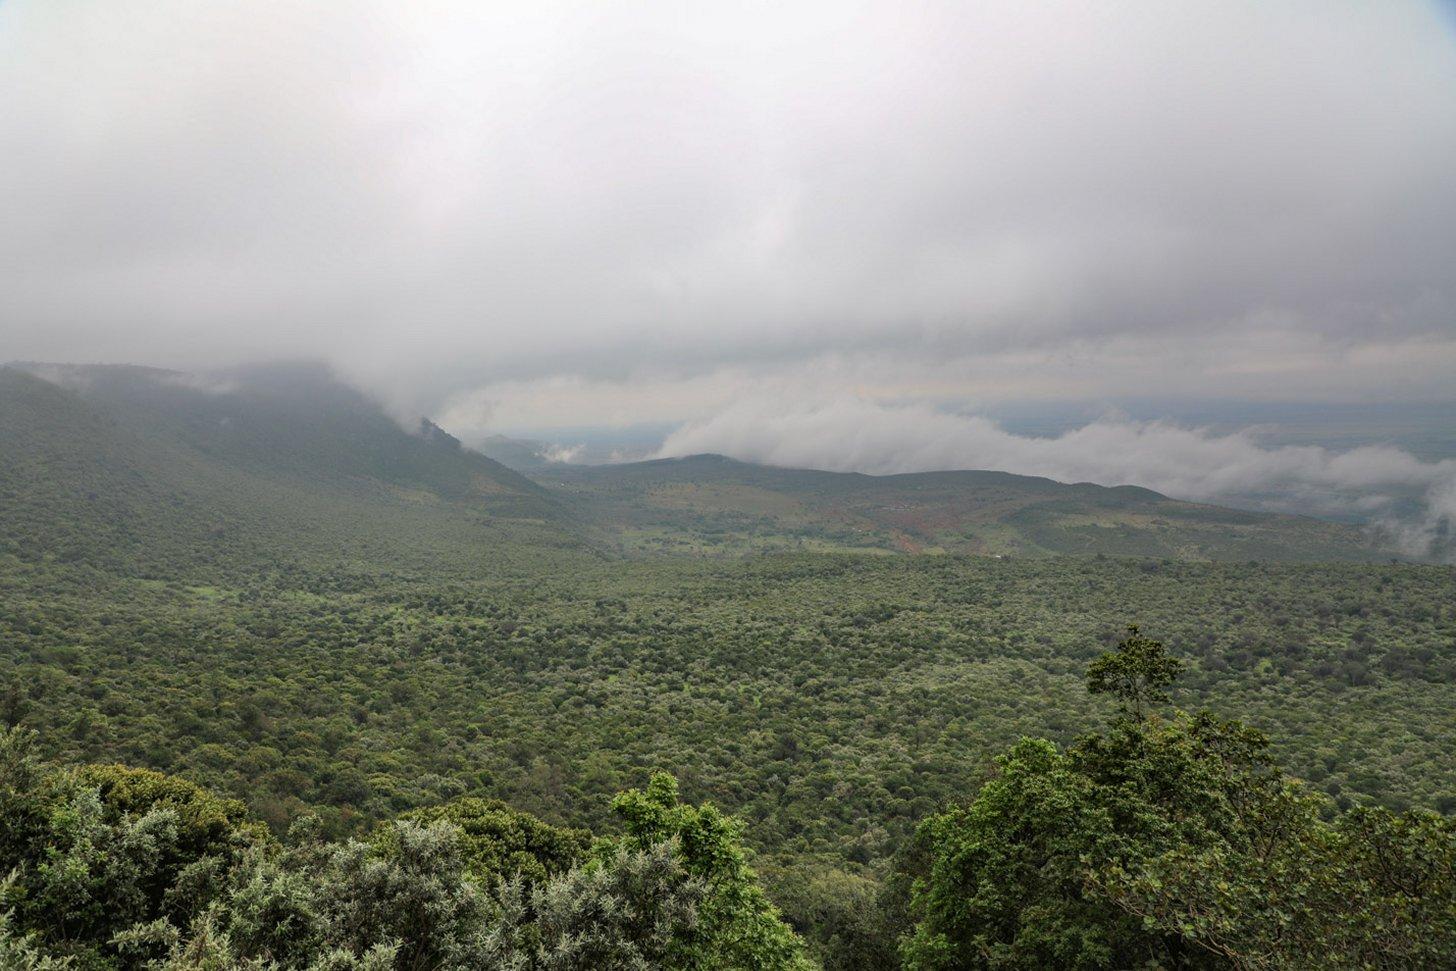 Het kan soms flink bewolkt zijn in Kenia. Zon is geen garantie.